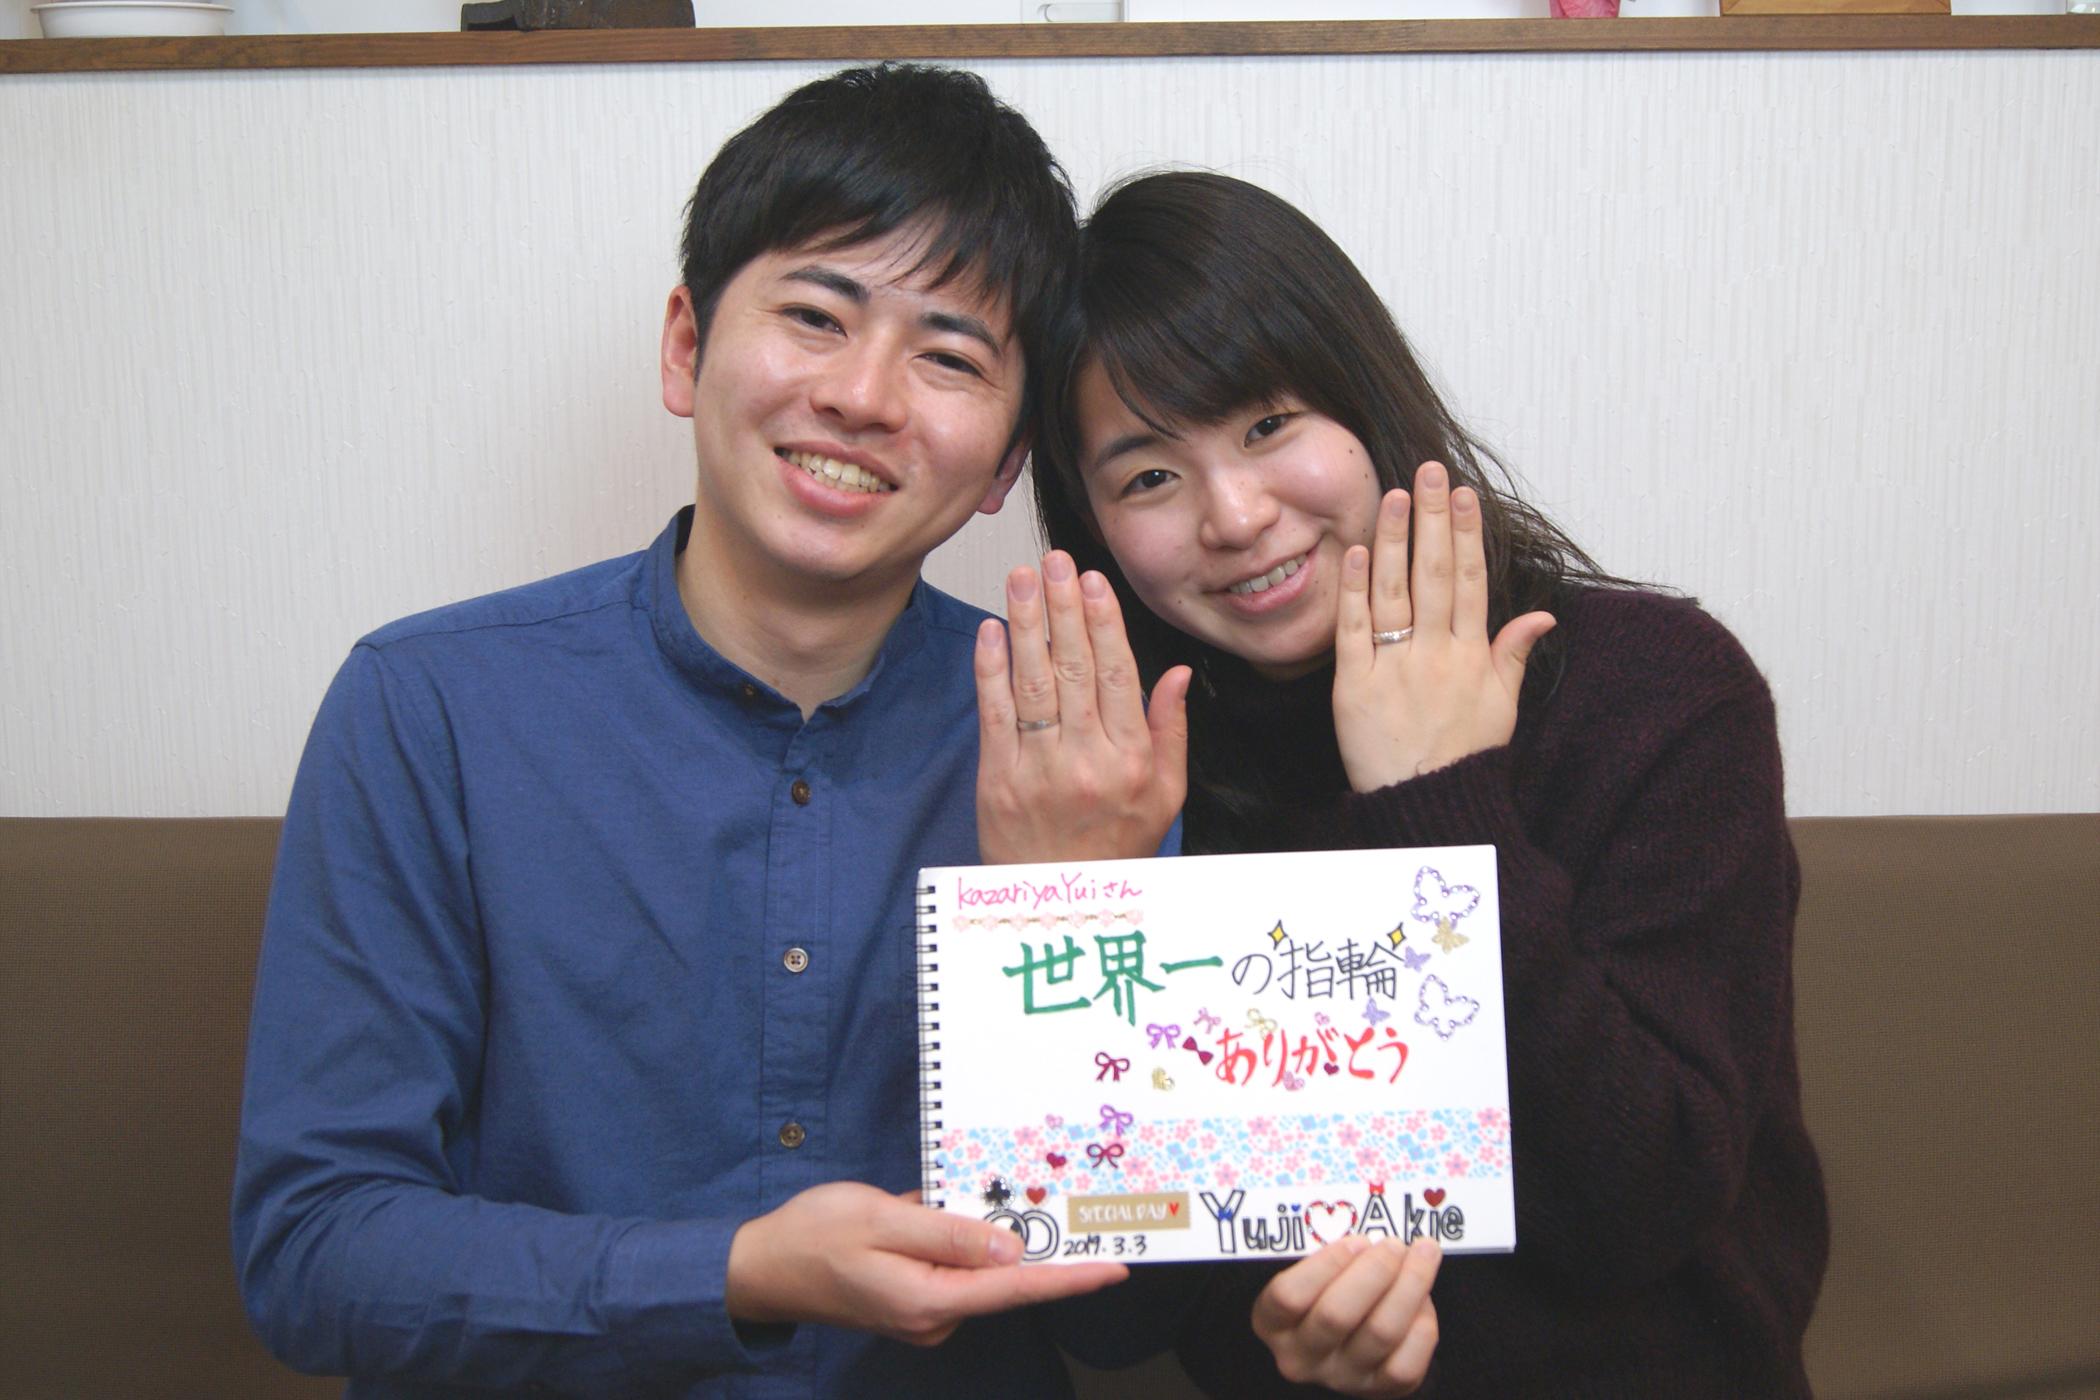 結婚指輪をご依頼頂きました本宮市からお越しの吉原さんご夫妻/kazariyaYui福島県郡山市